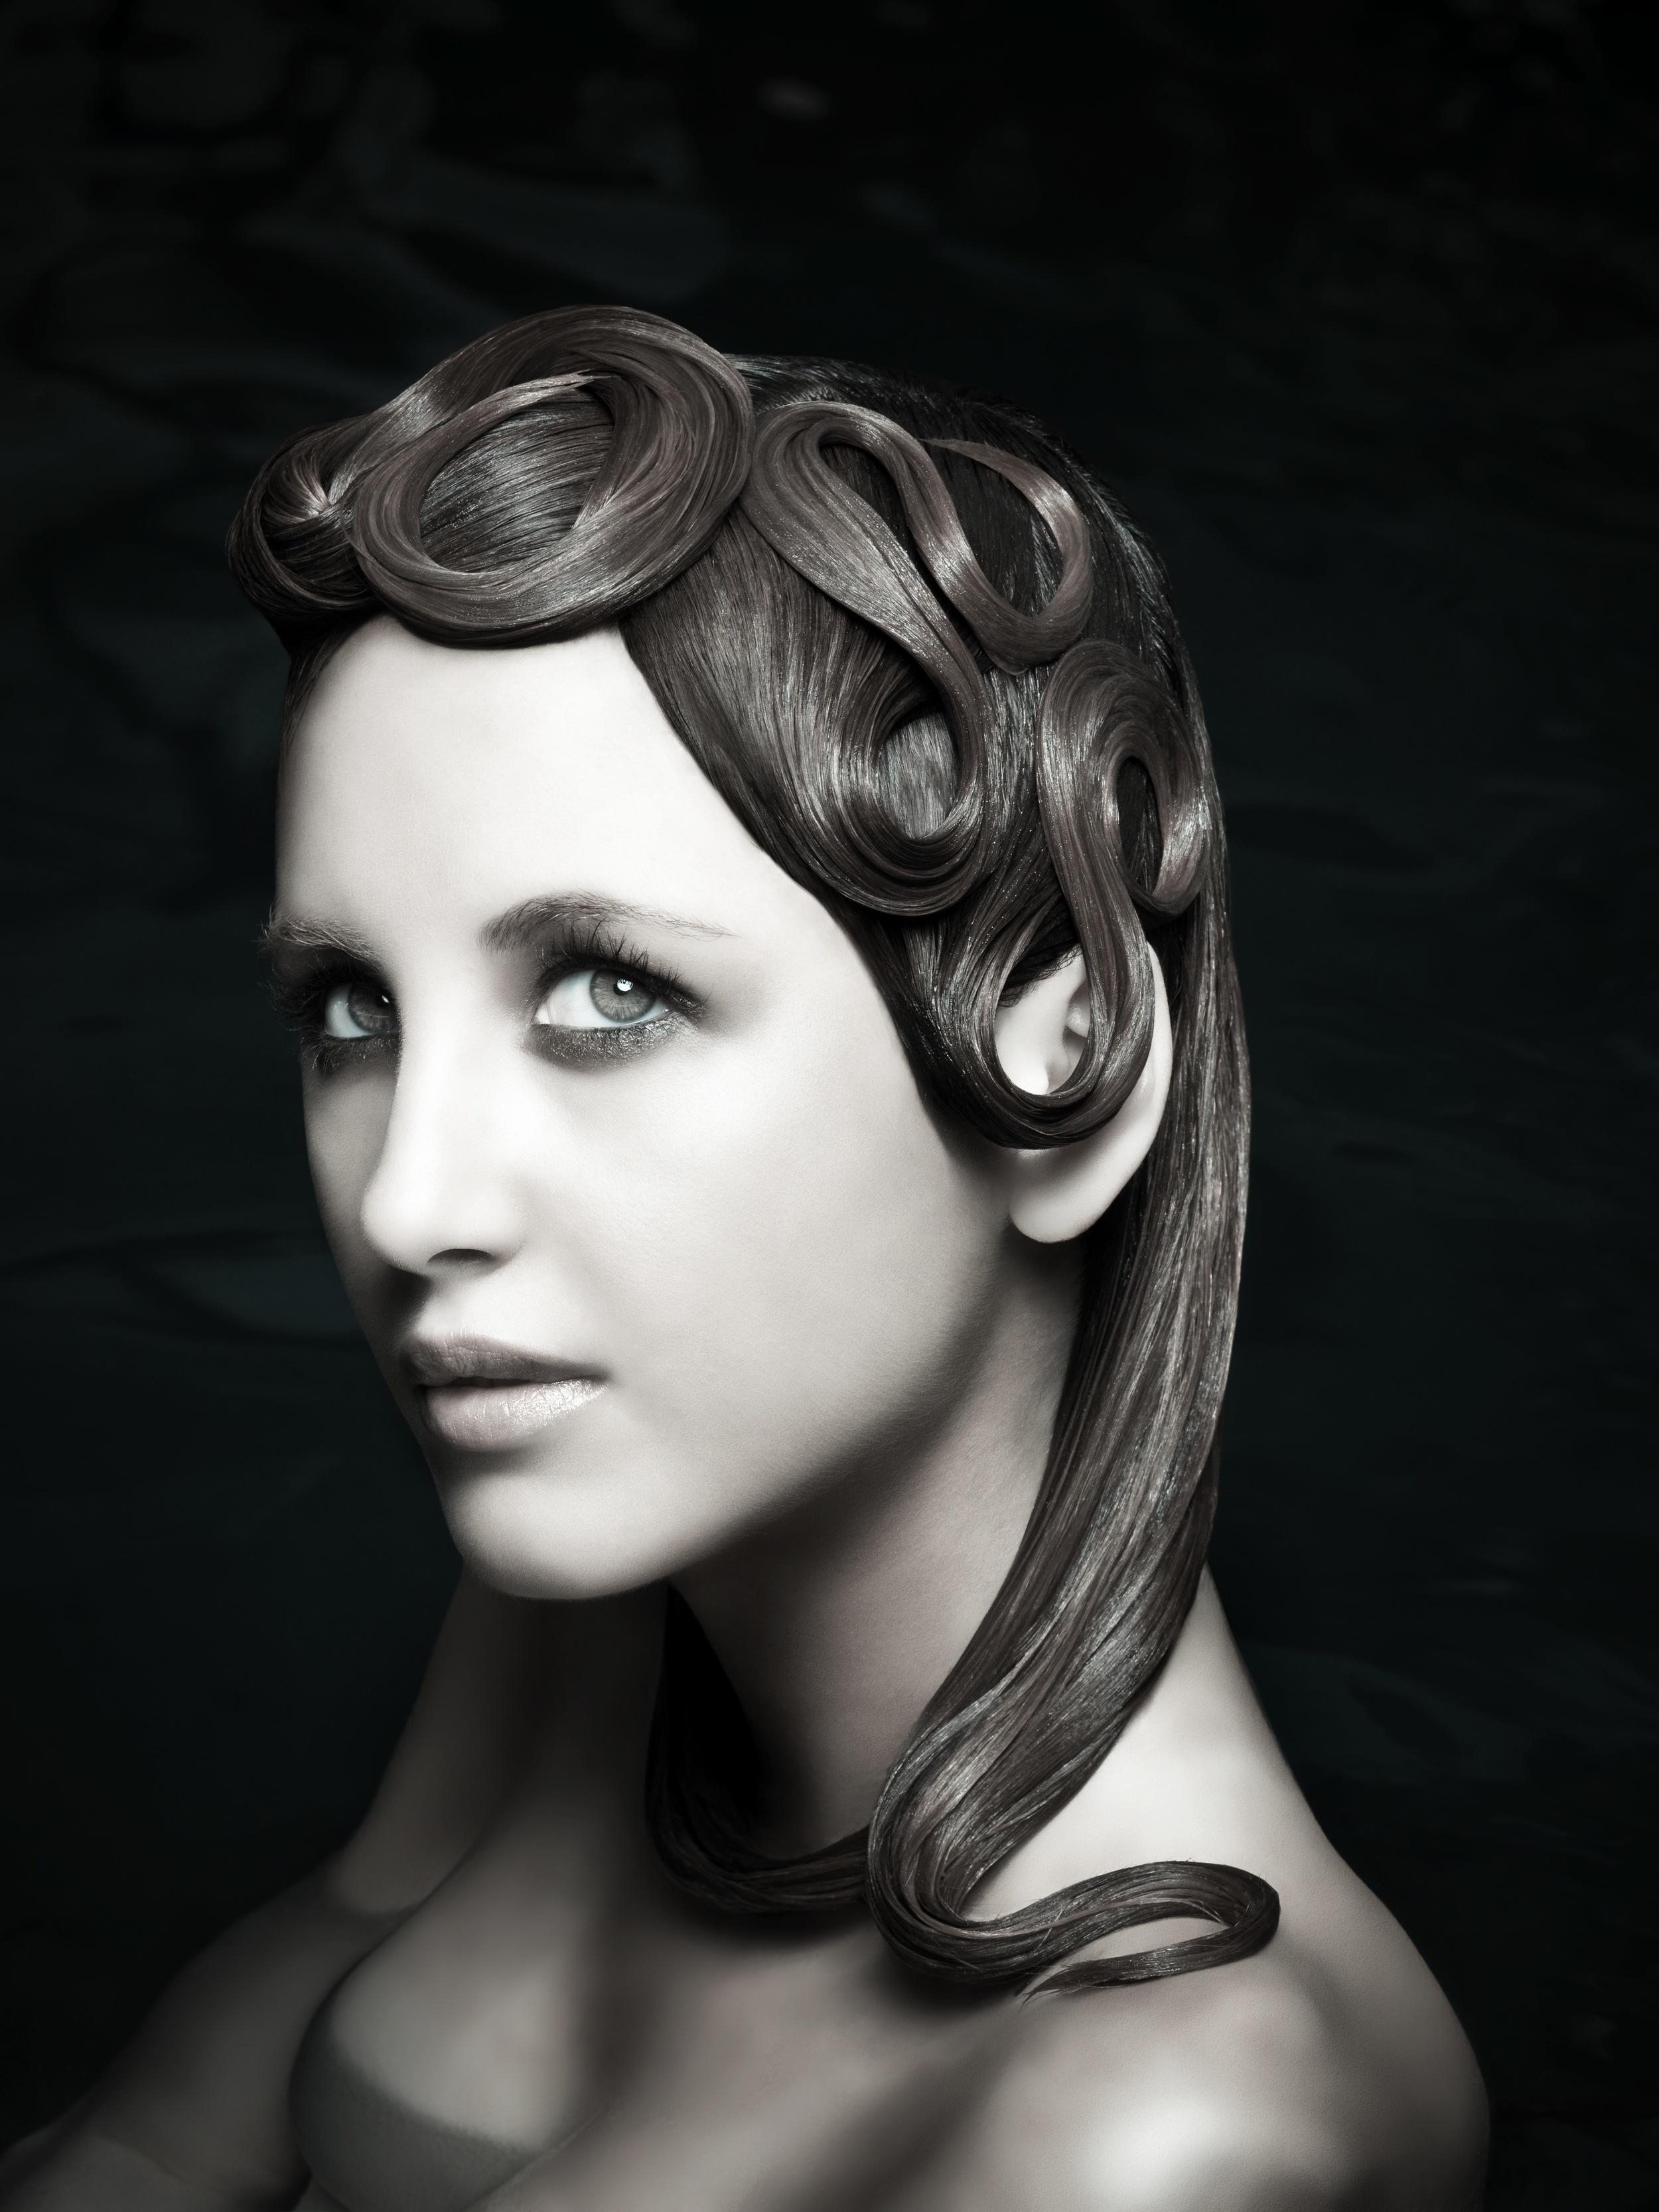 team-hairroin-for-naha_4003655553_o.jpg